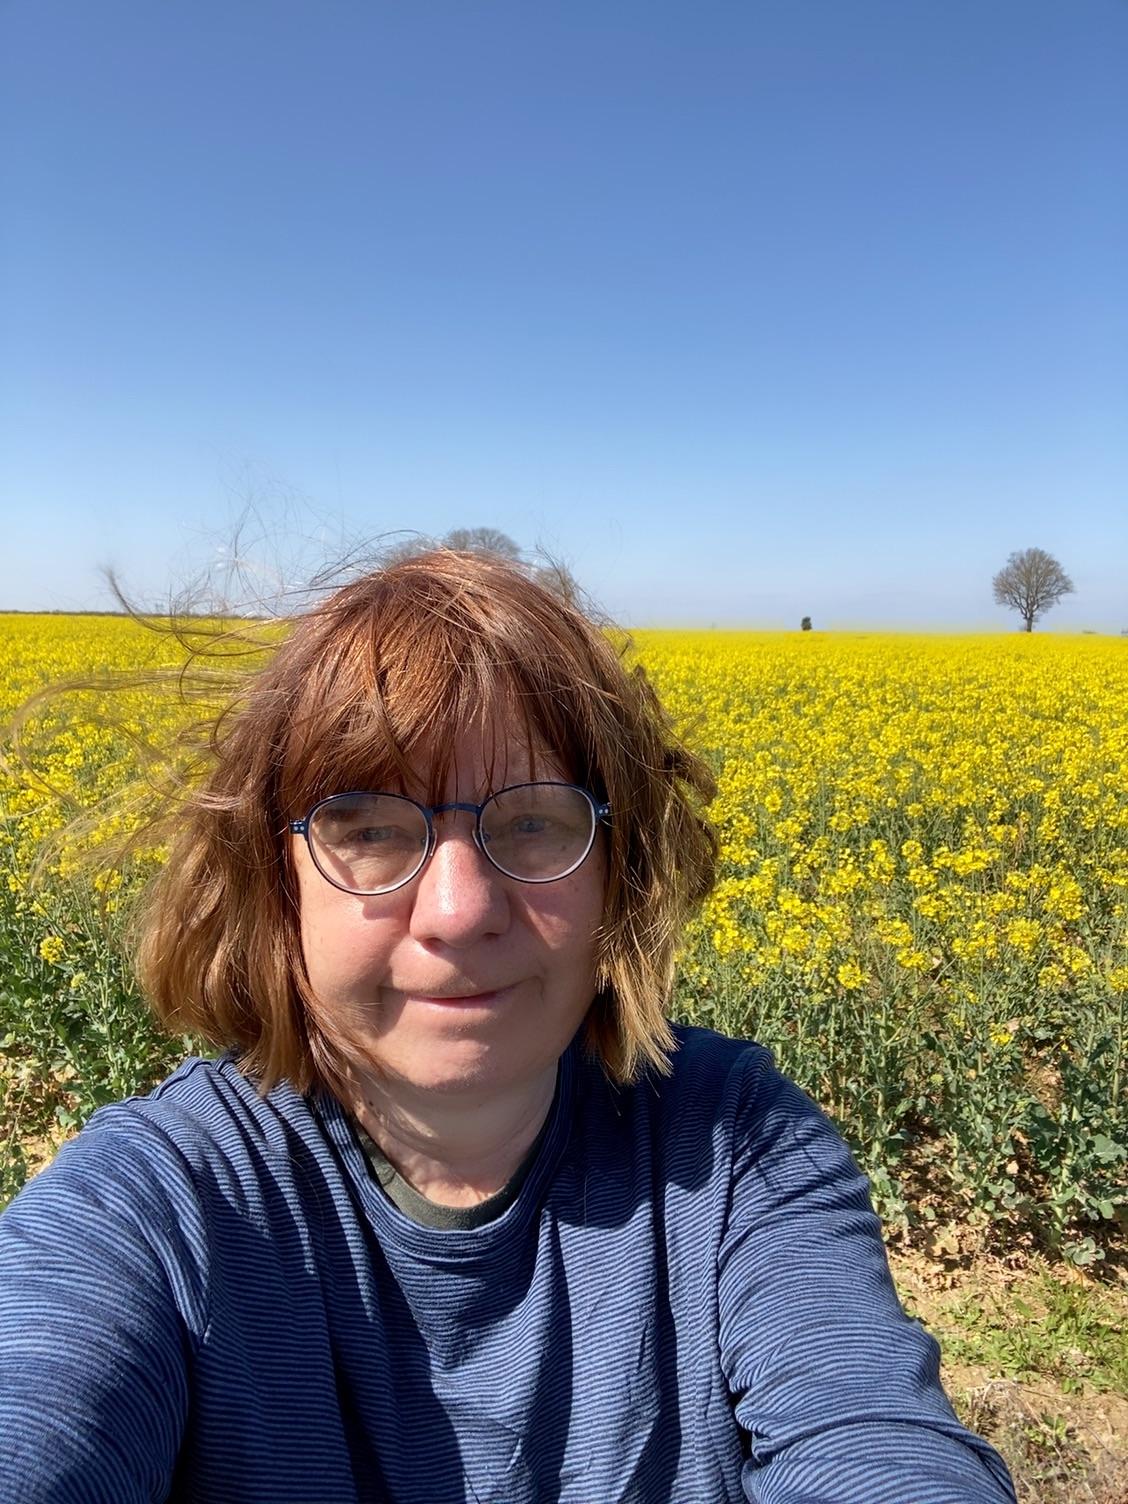 В пронзительно желтых полях рапса